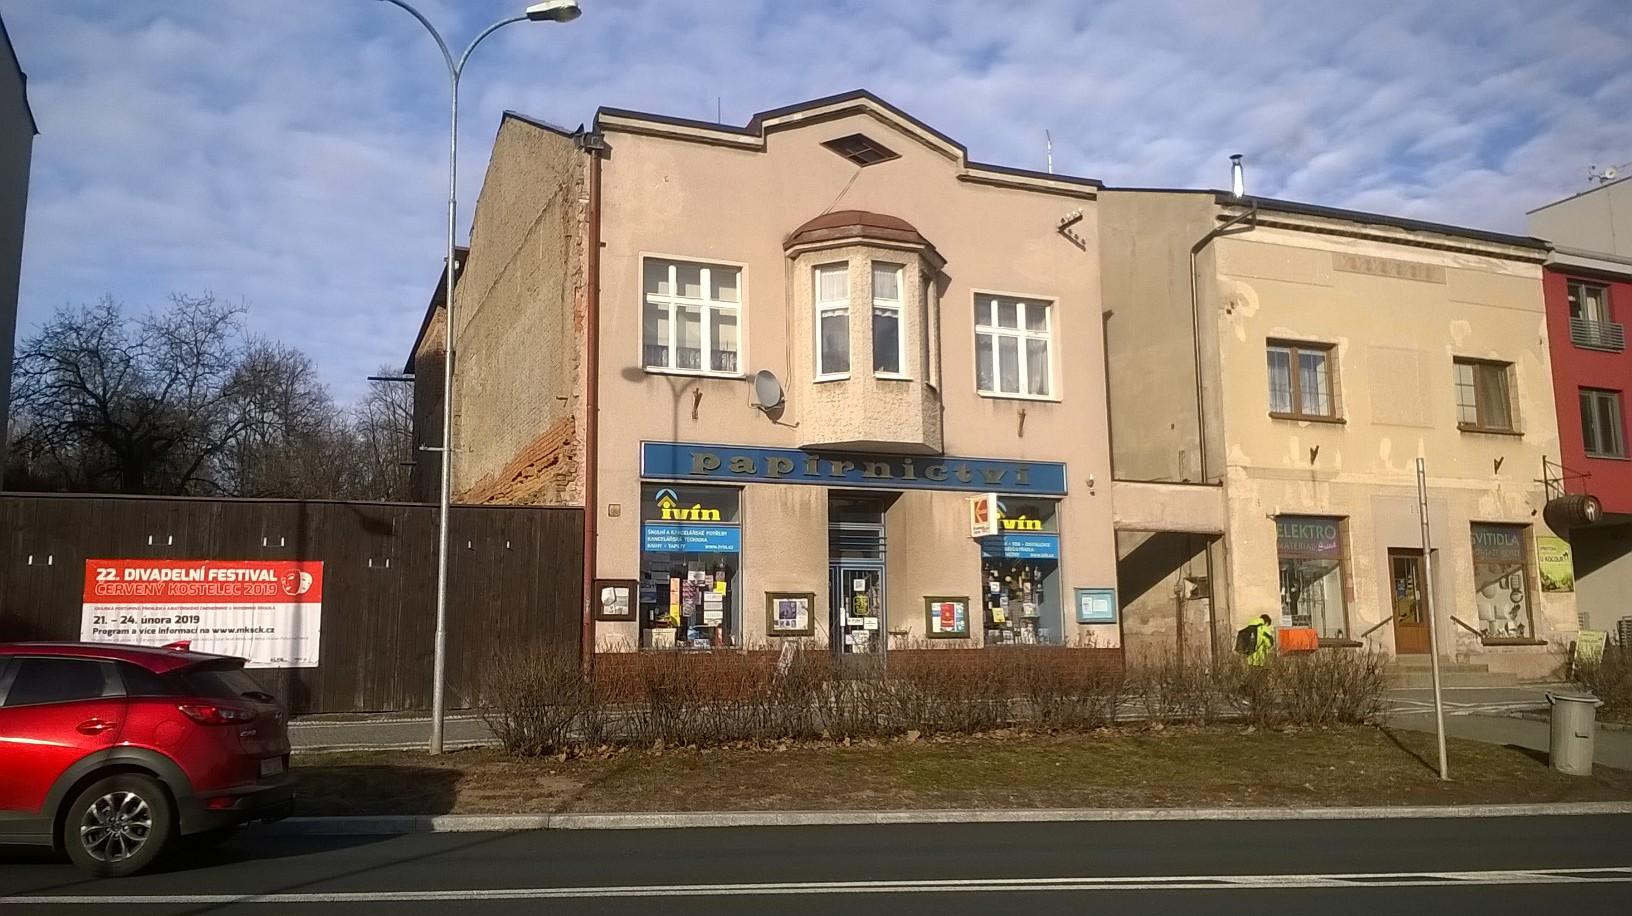 Pobočka Červený Kostelec, Nám. T.G. Masaryka 93 (Papírnictví Ivín)